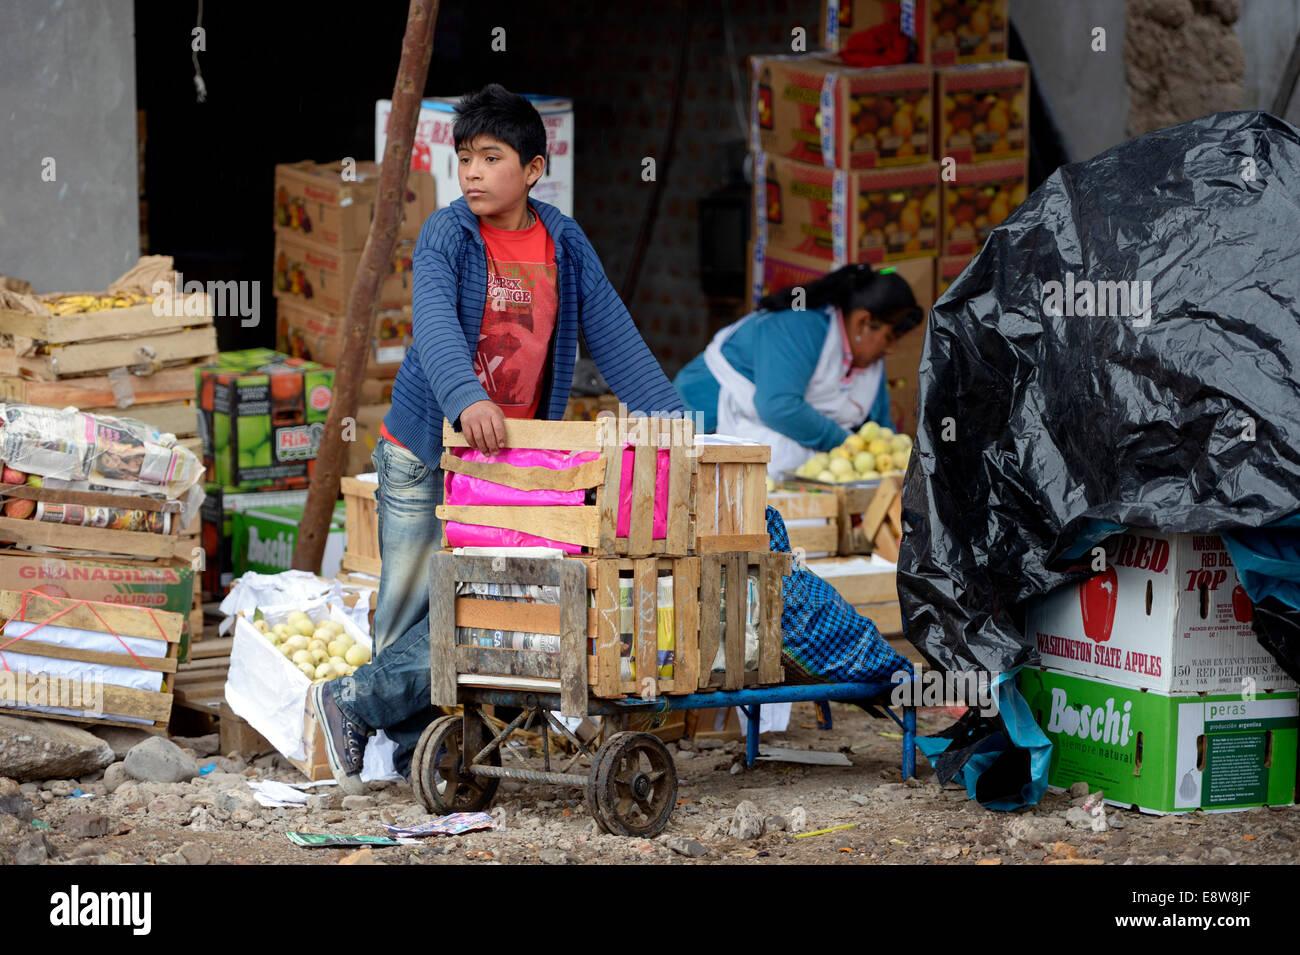 Le travail des enfants, garçon, 13 ans, travaille comme porteur dans un marché, d'Ayacucho, région Photo Stock